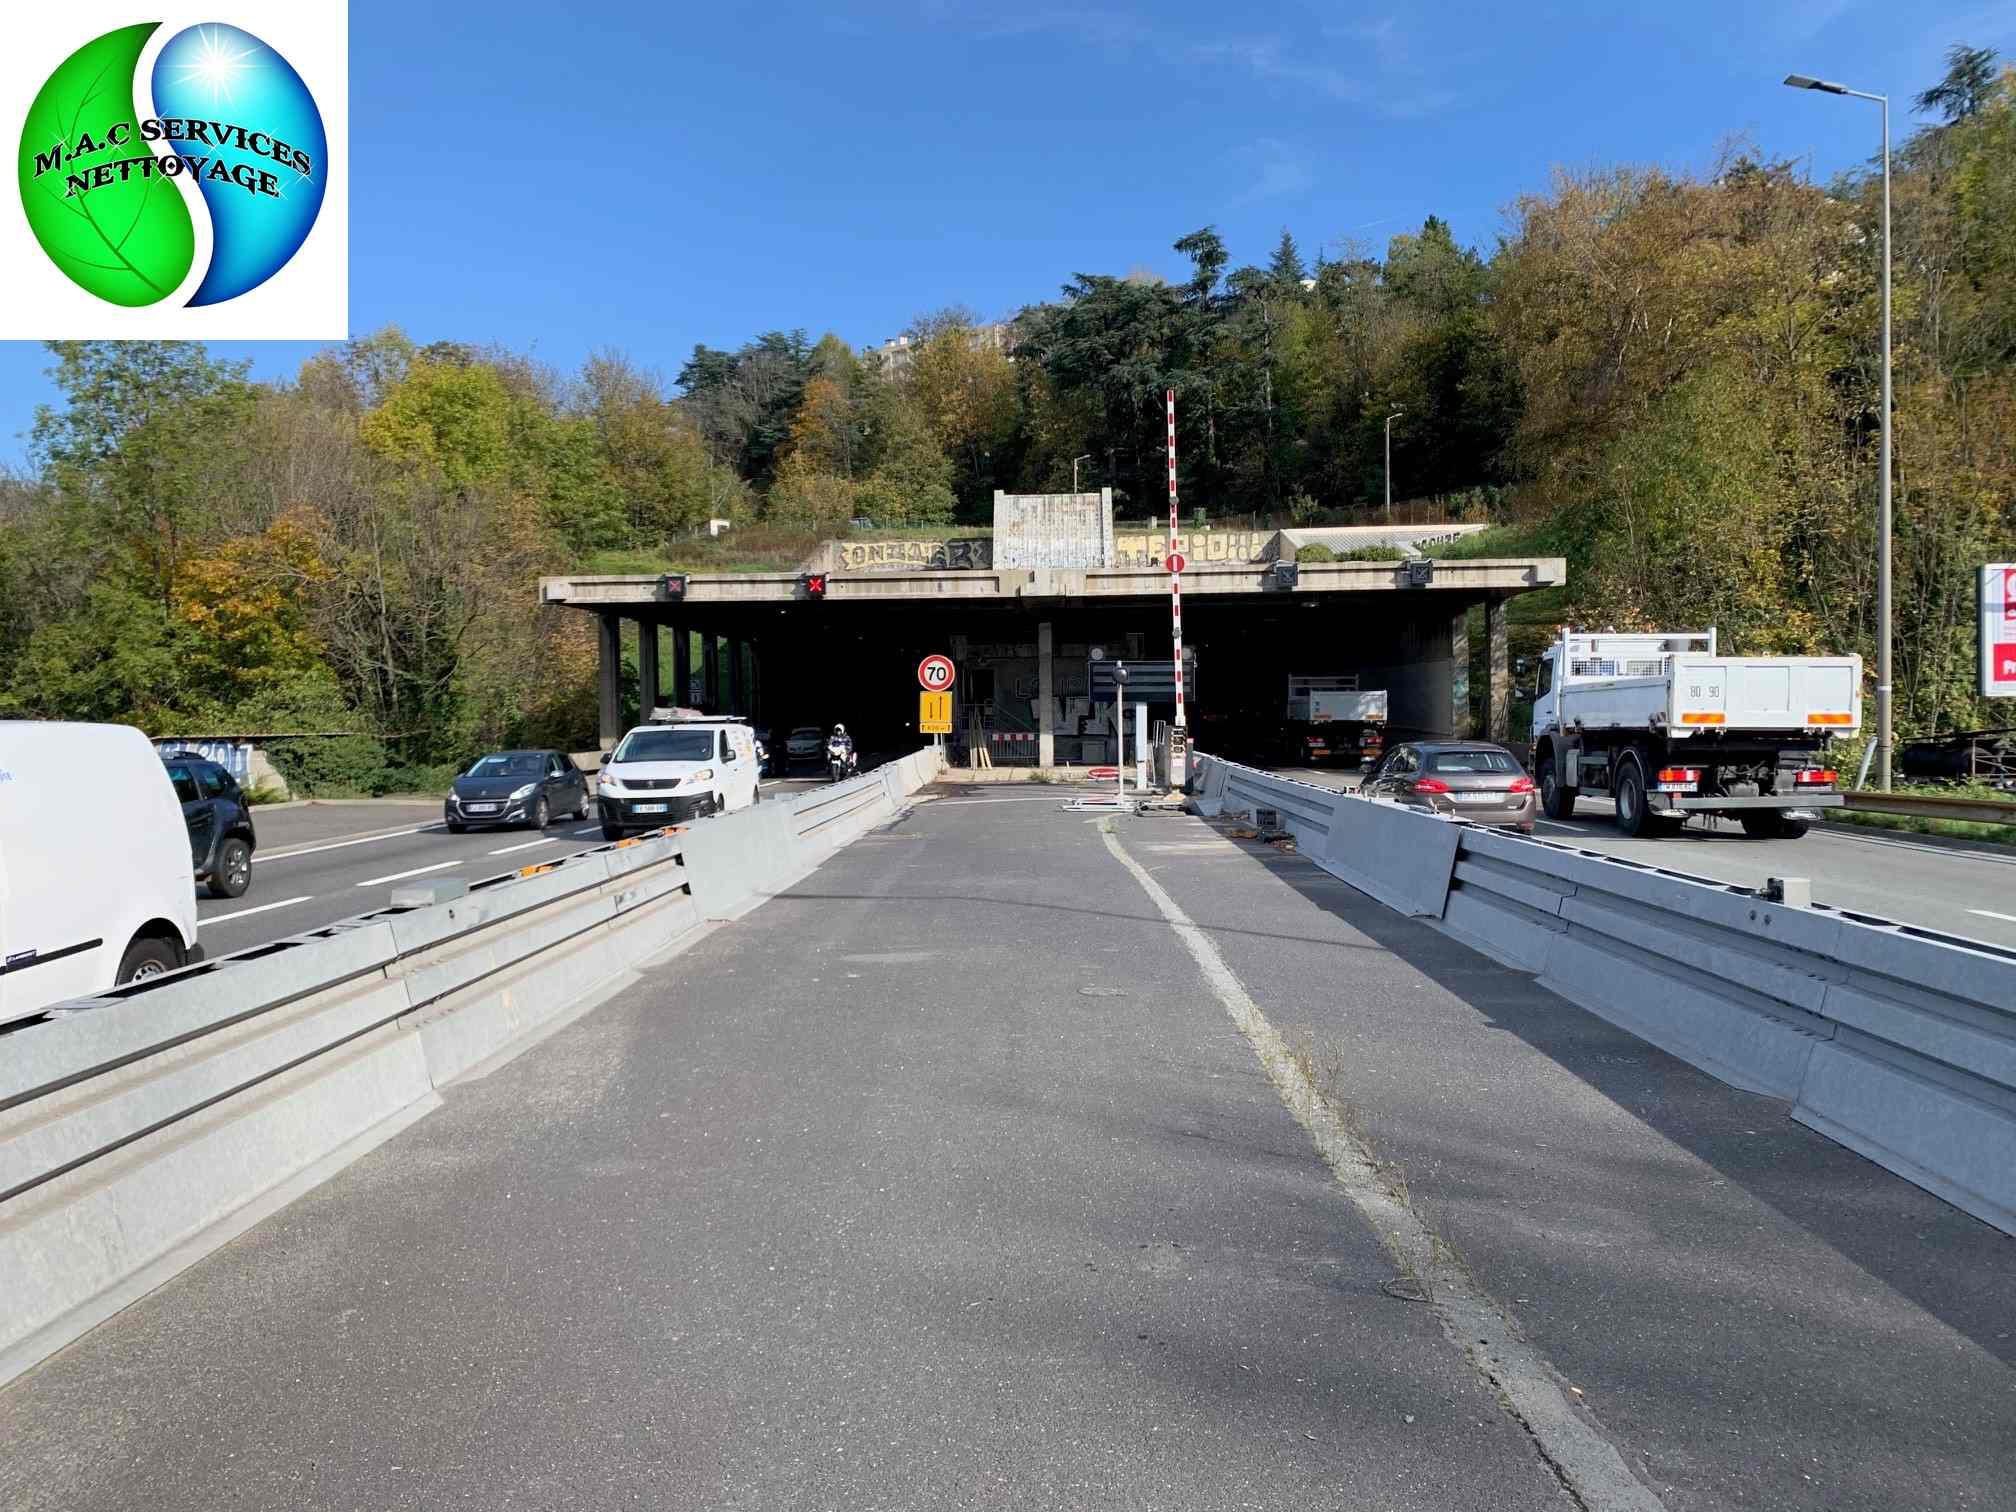 M.A.C SERVICES NETTOYAGE : Remise en état des locaux techniques du tunnel du rond point à Saint-Etienne 42100